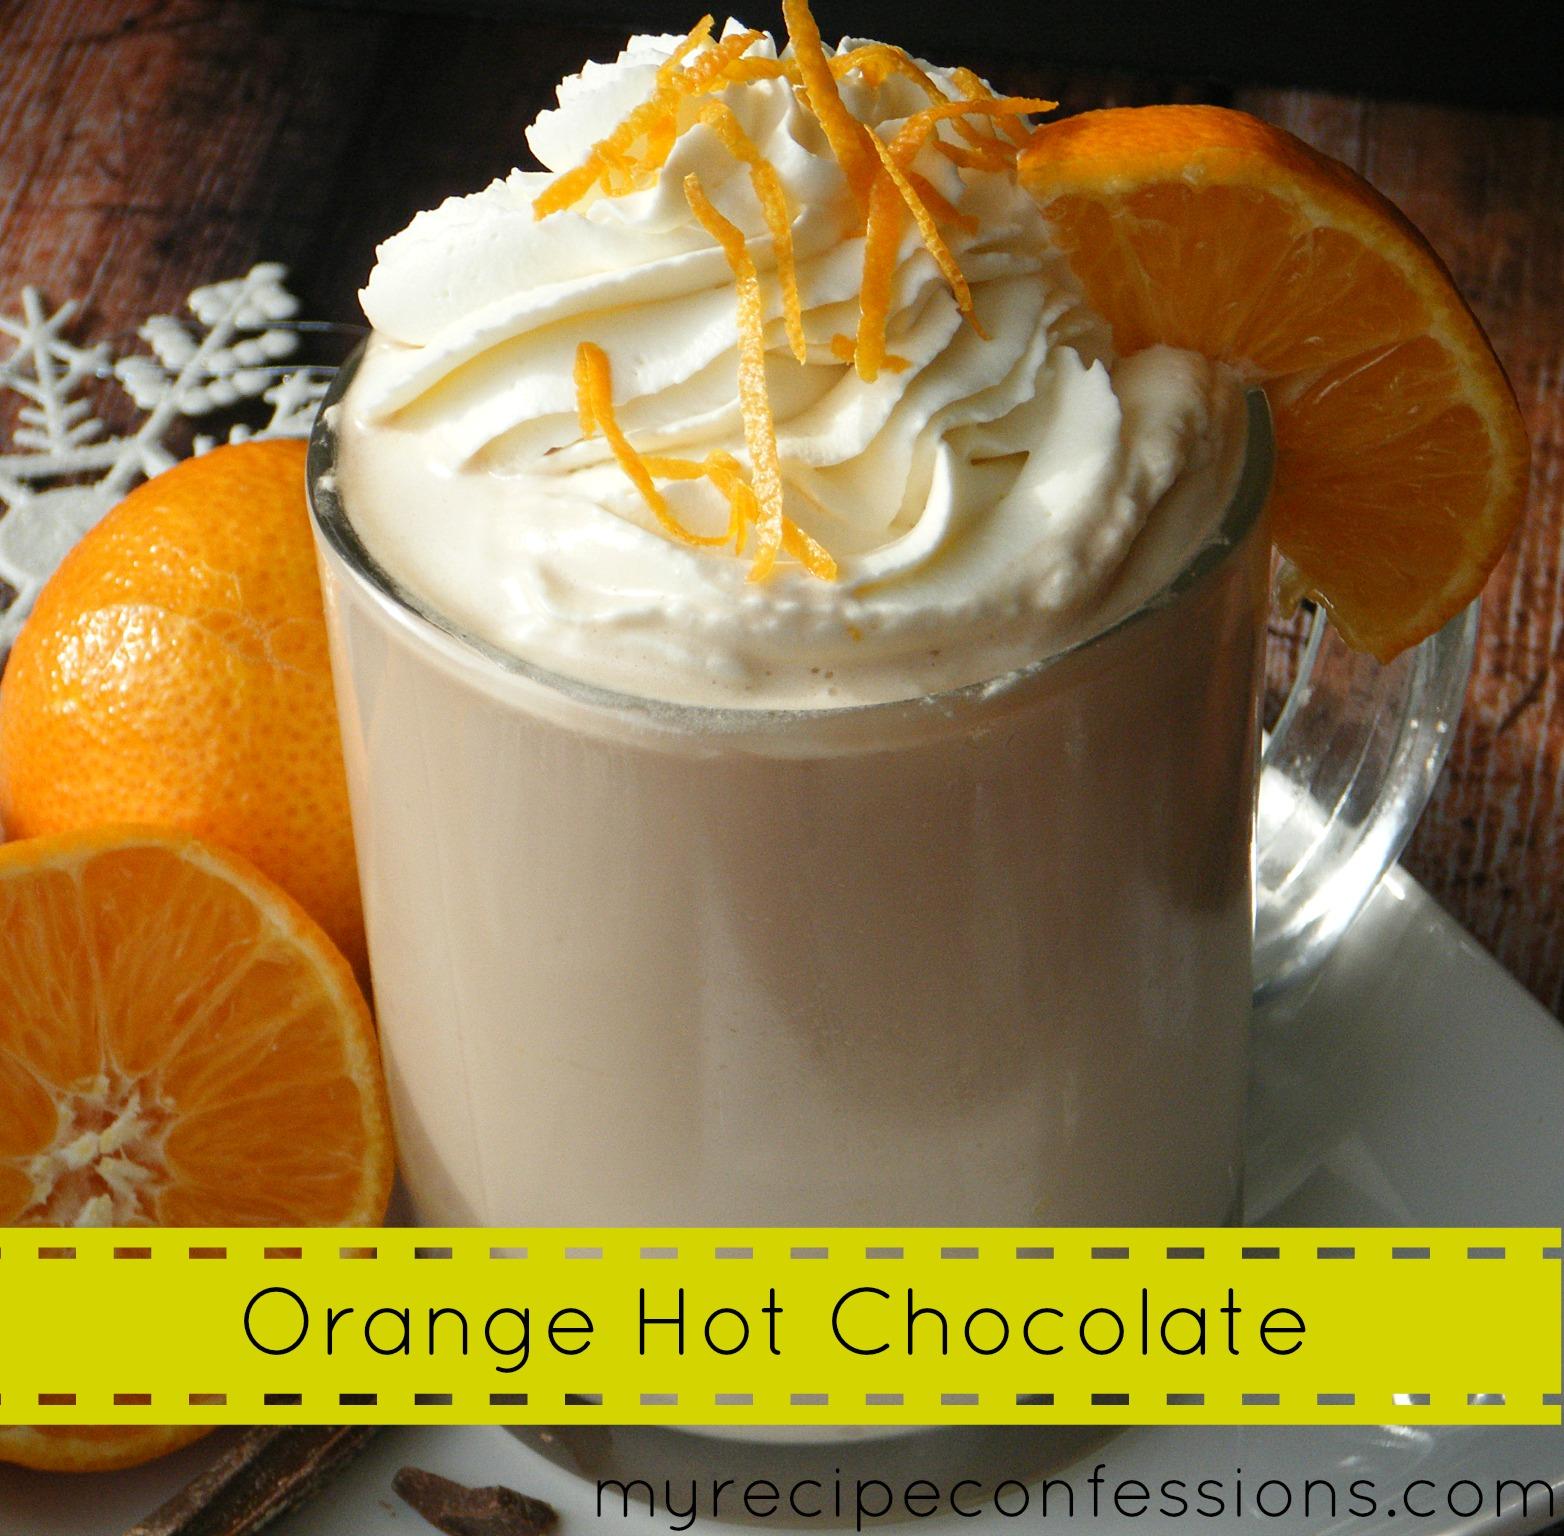 Orange Hot Chocolate - My Recipe Confessions